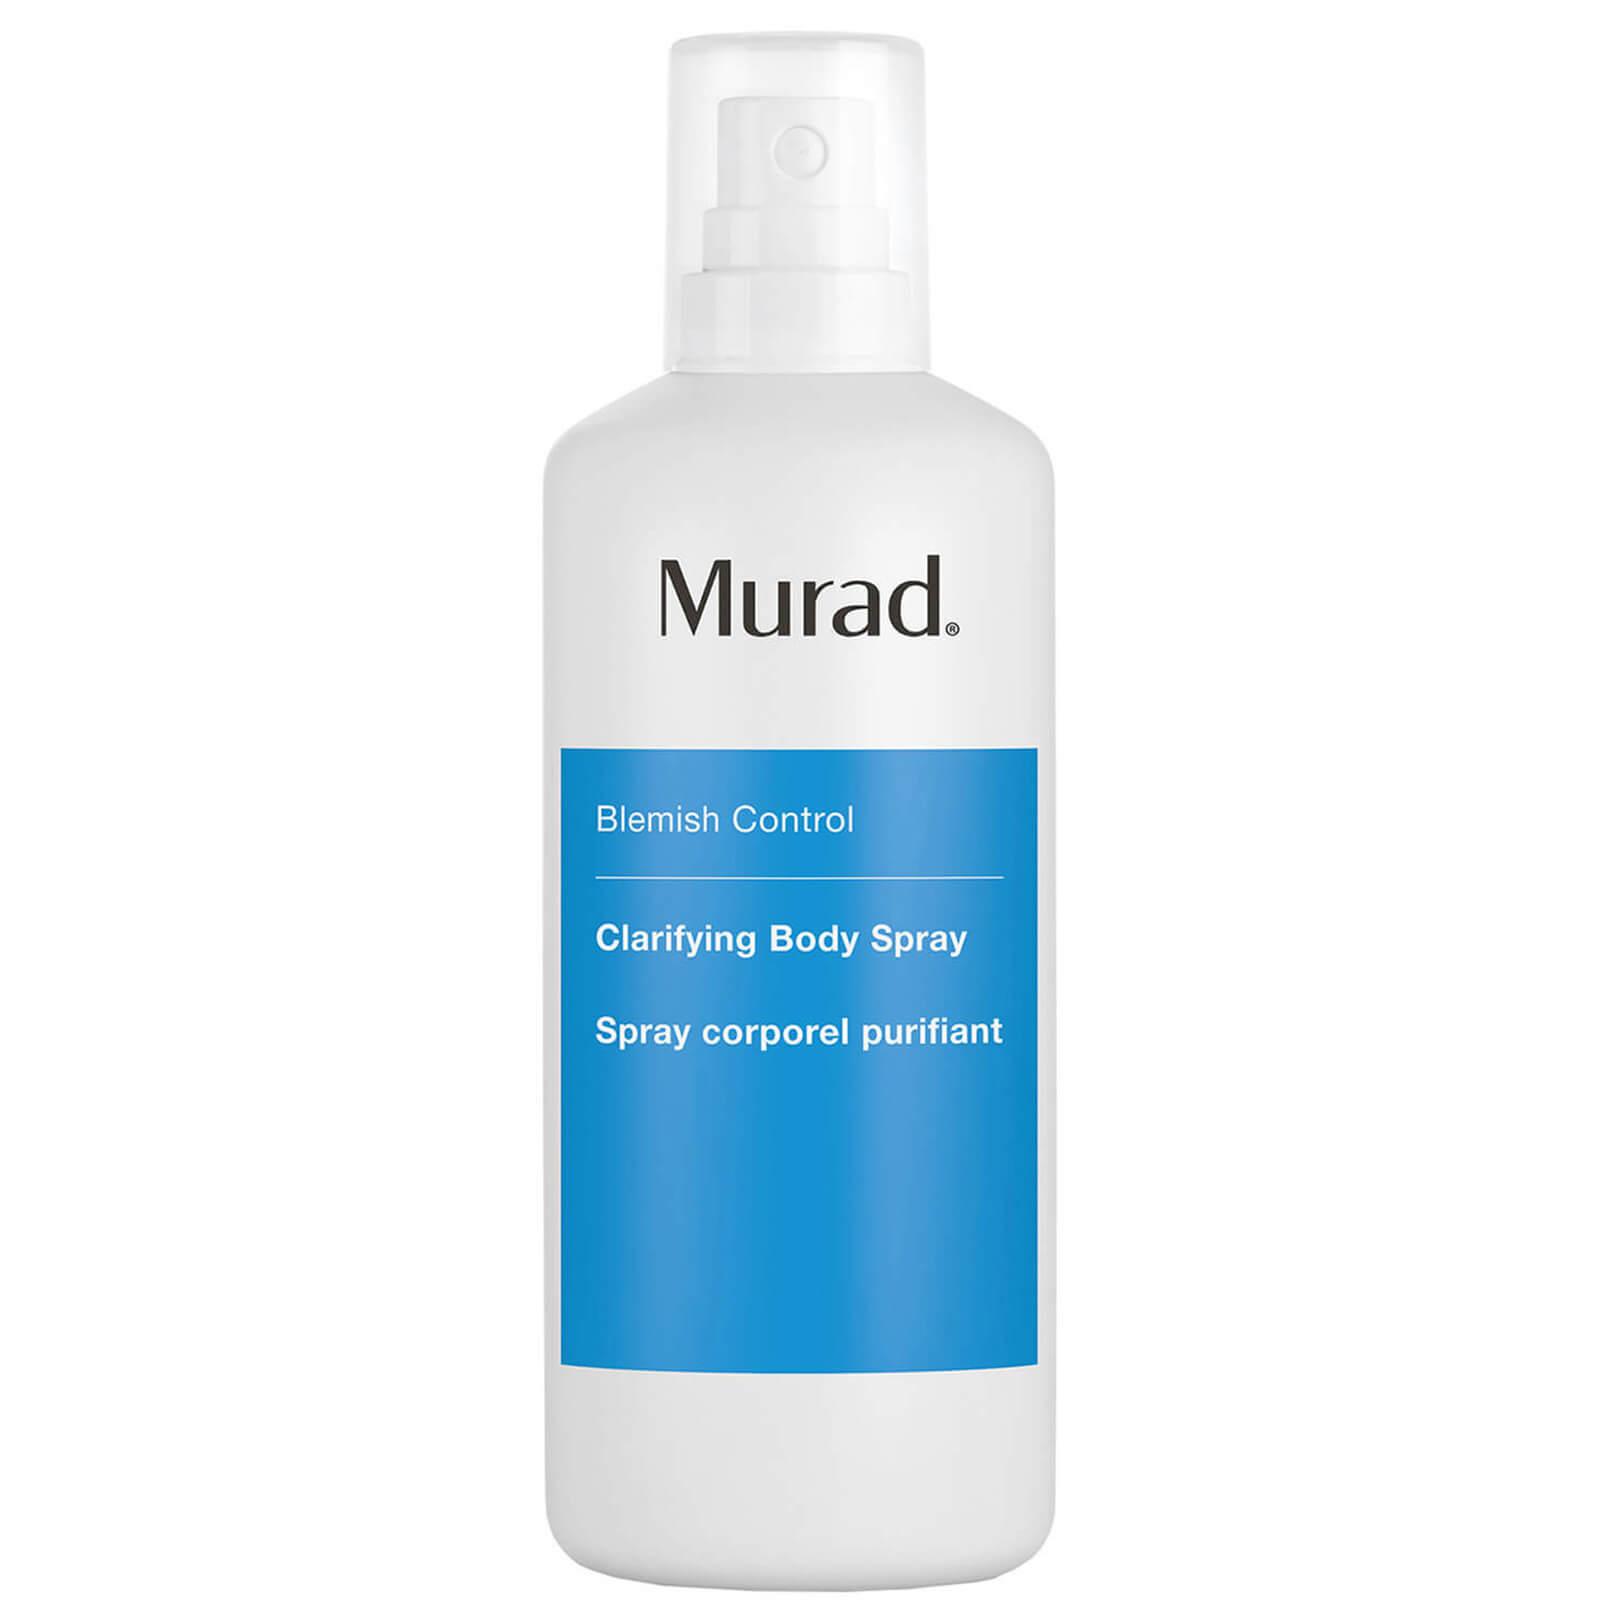 Купить Очищающий спрей для проблемной кожи тела Murad Clarifying Body Spray, 130 мл